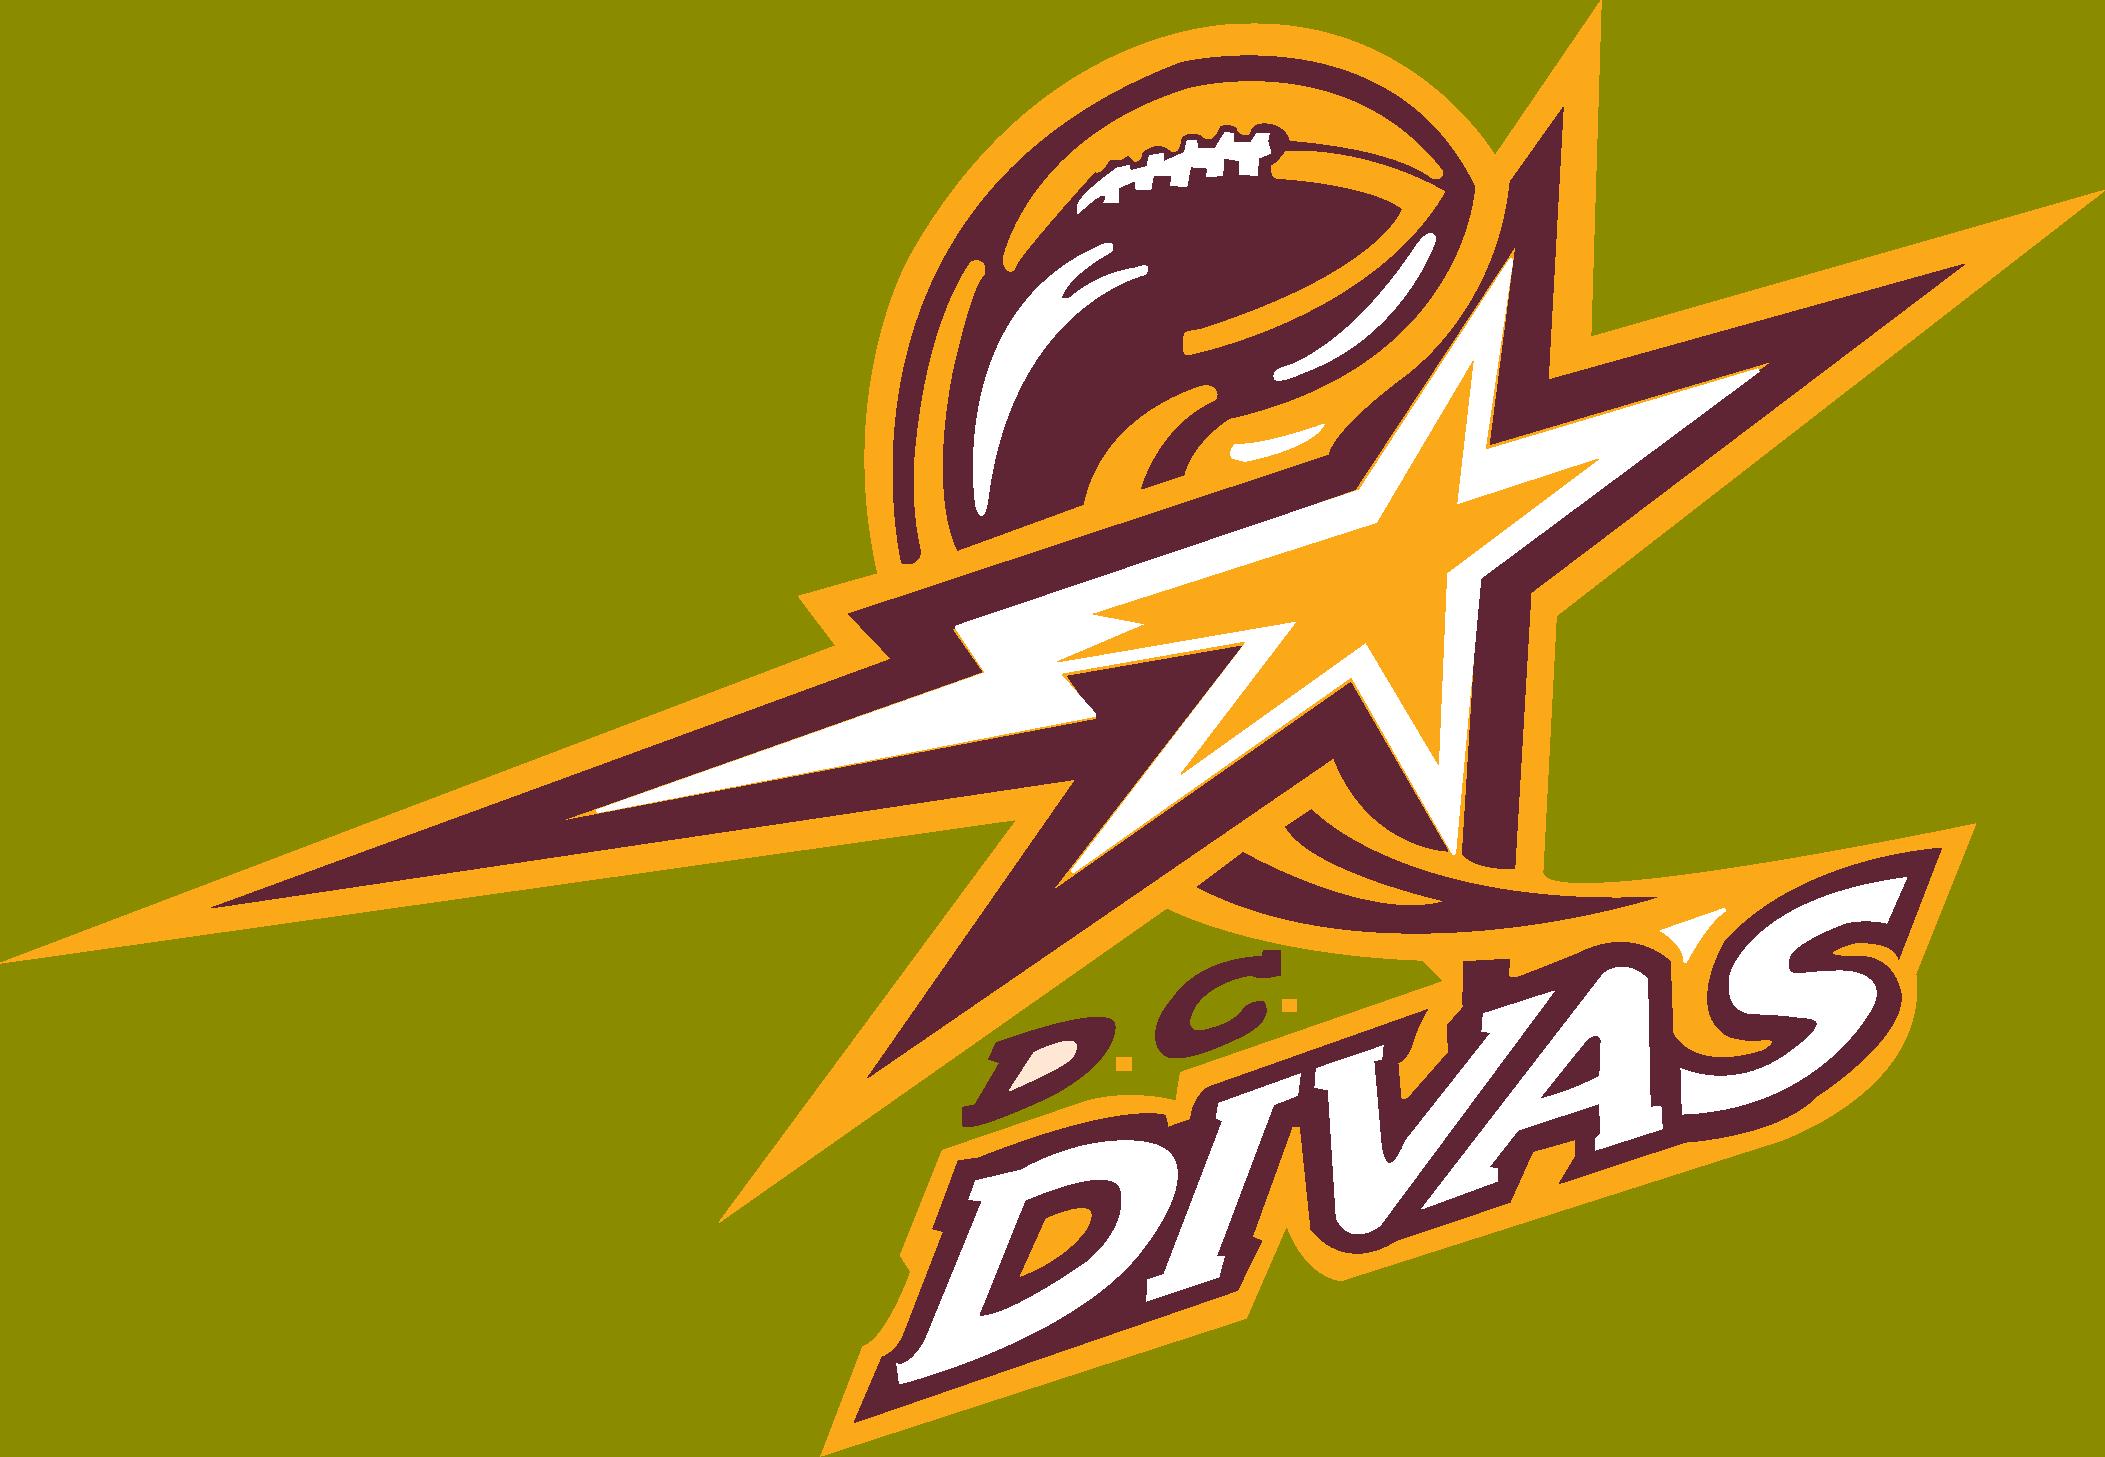 D.C. DIVAS